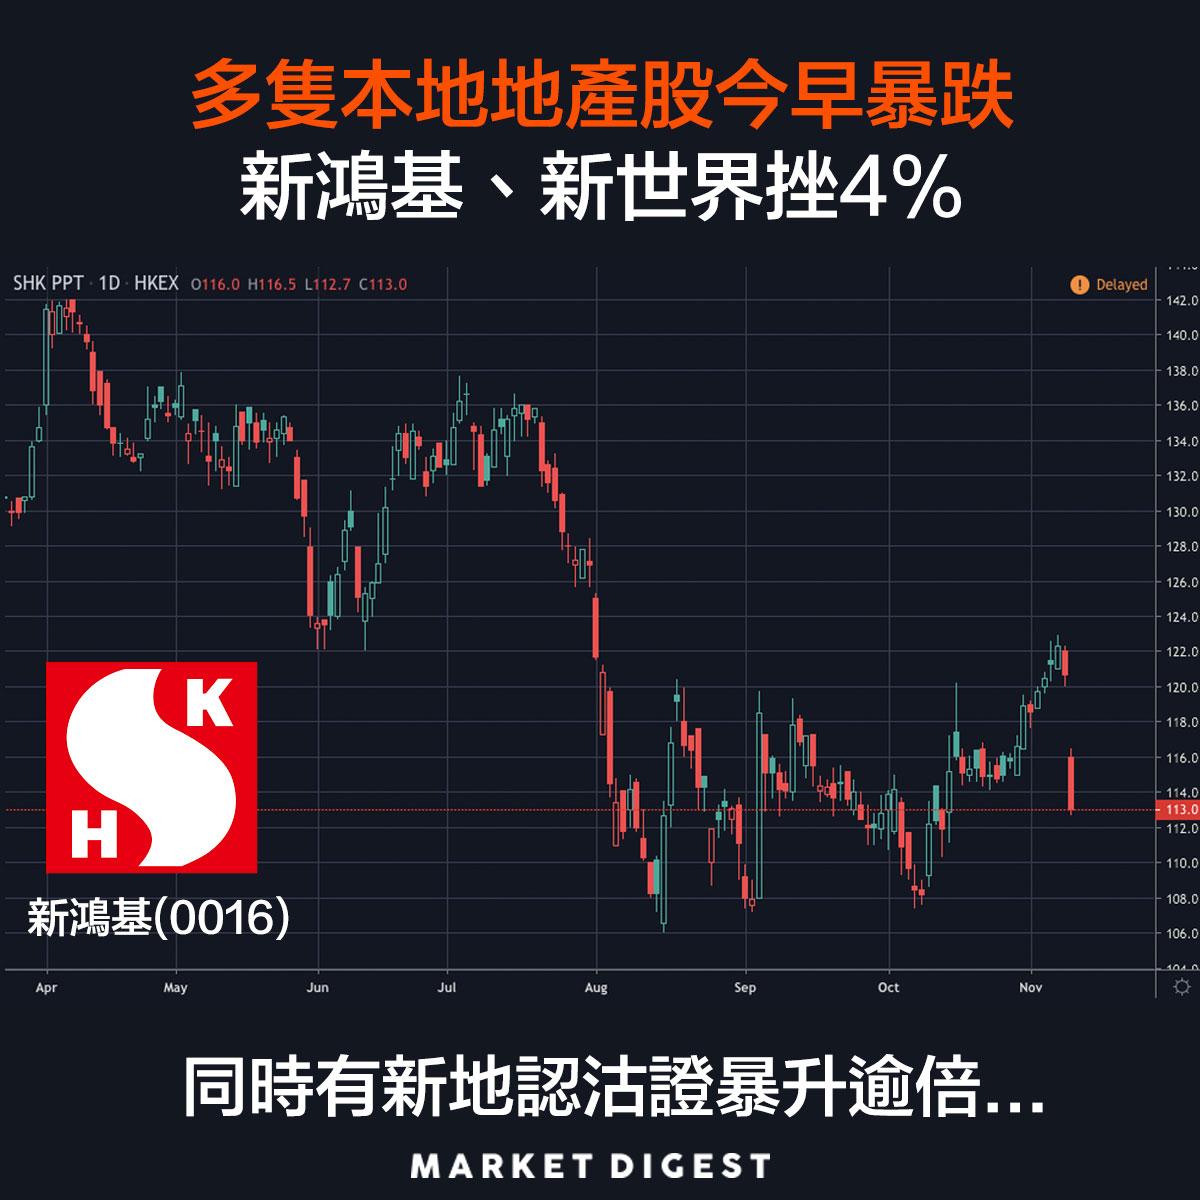 【市場熱話】多隻本地地產股今早暴跌,新鴻基、新世界挫4%